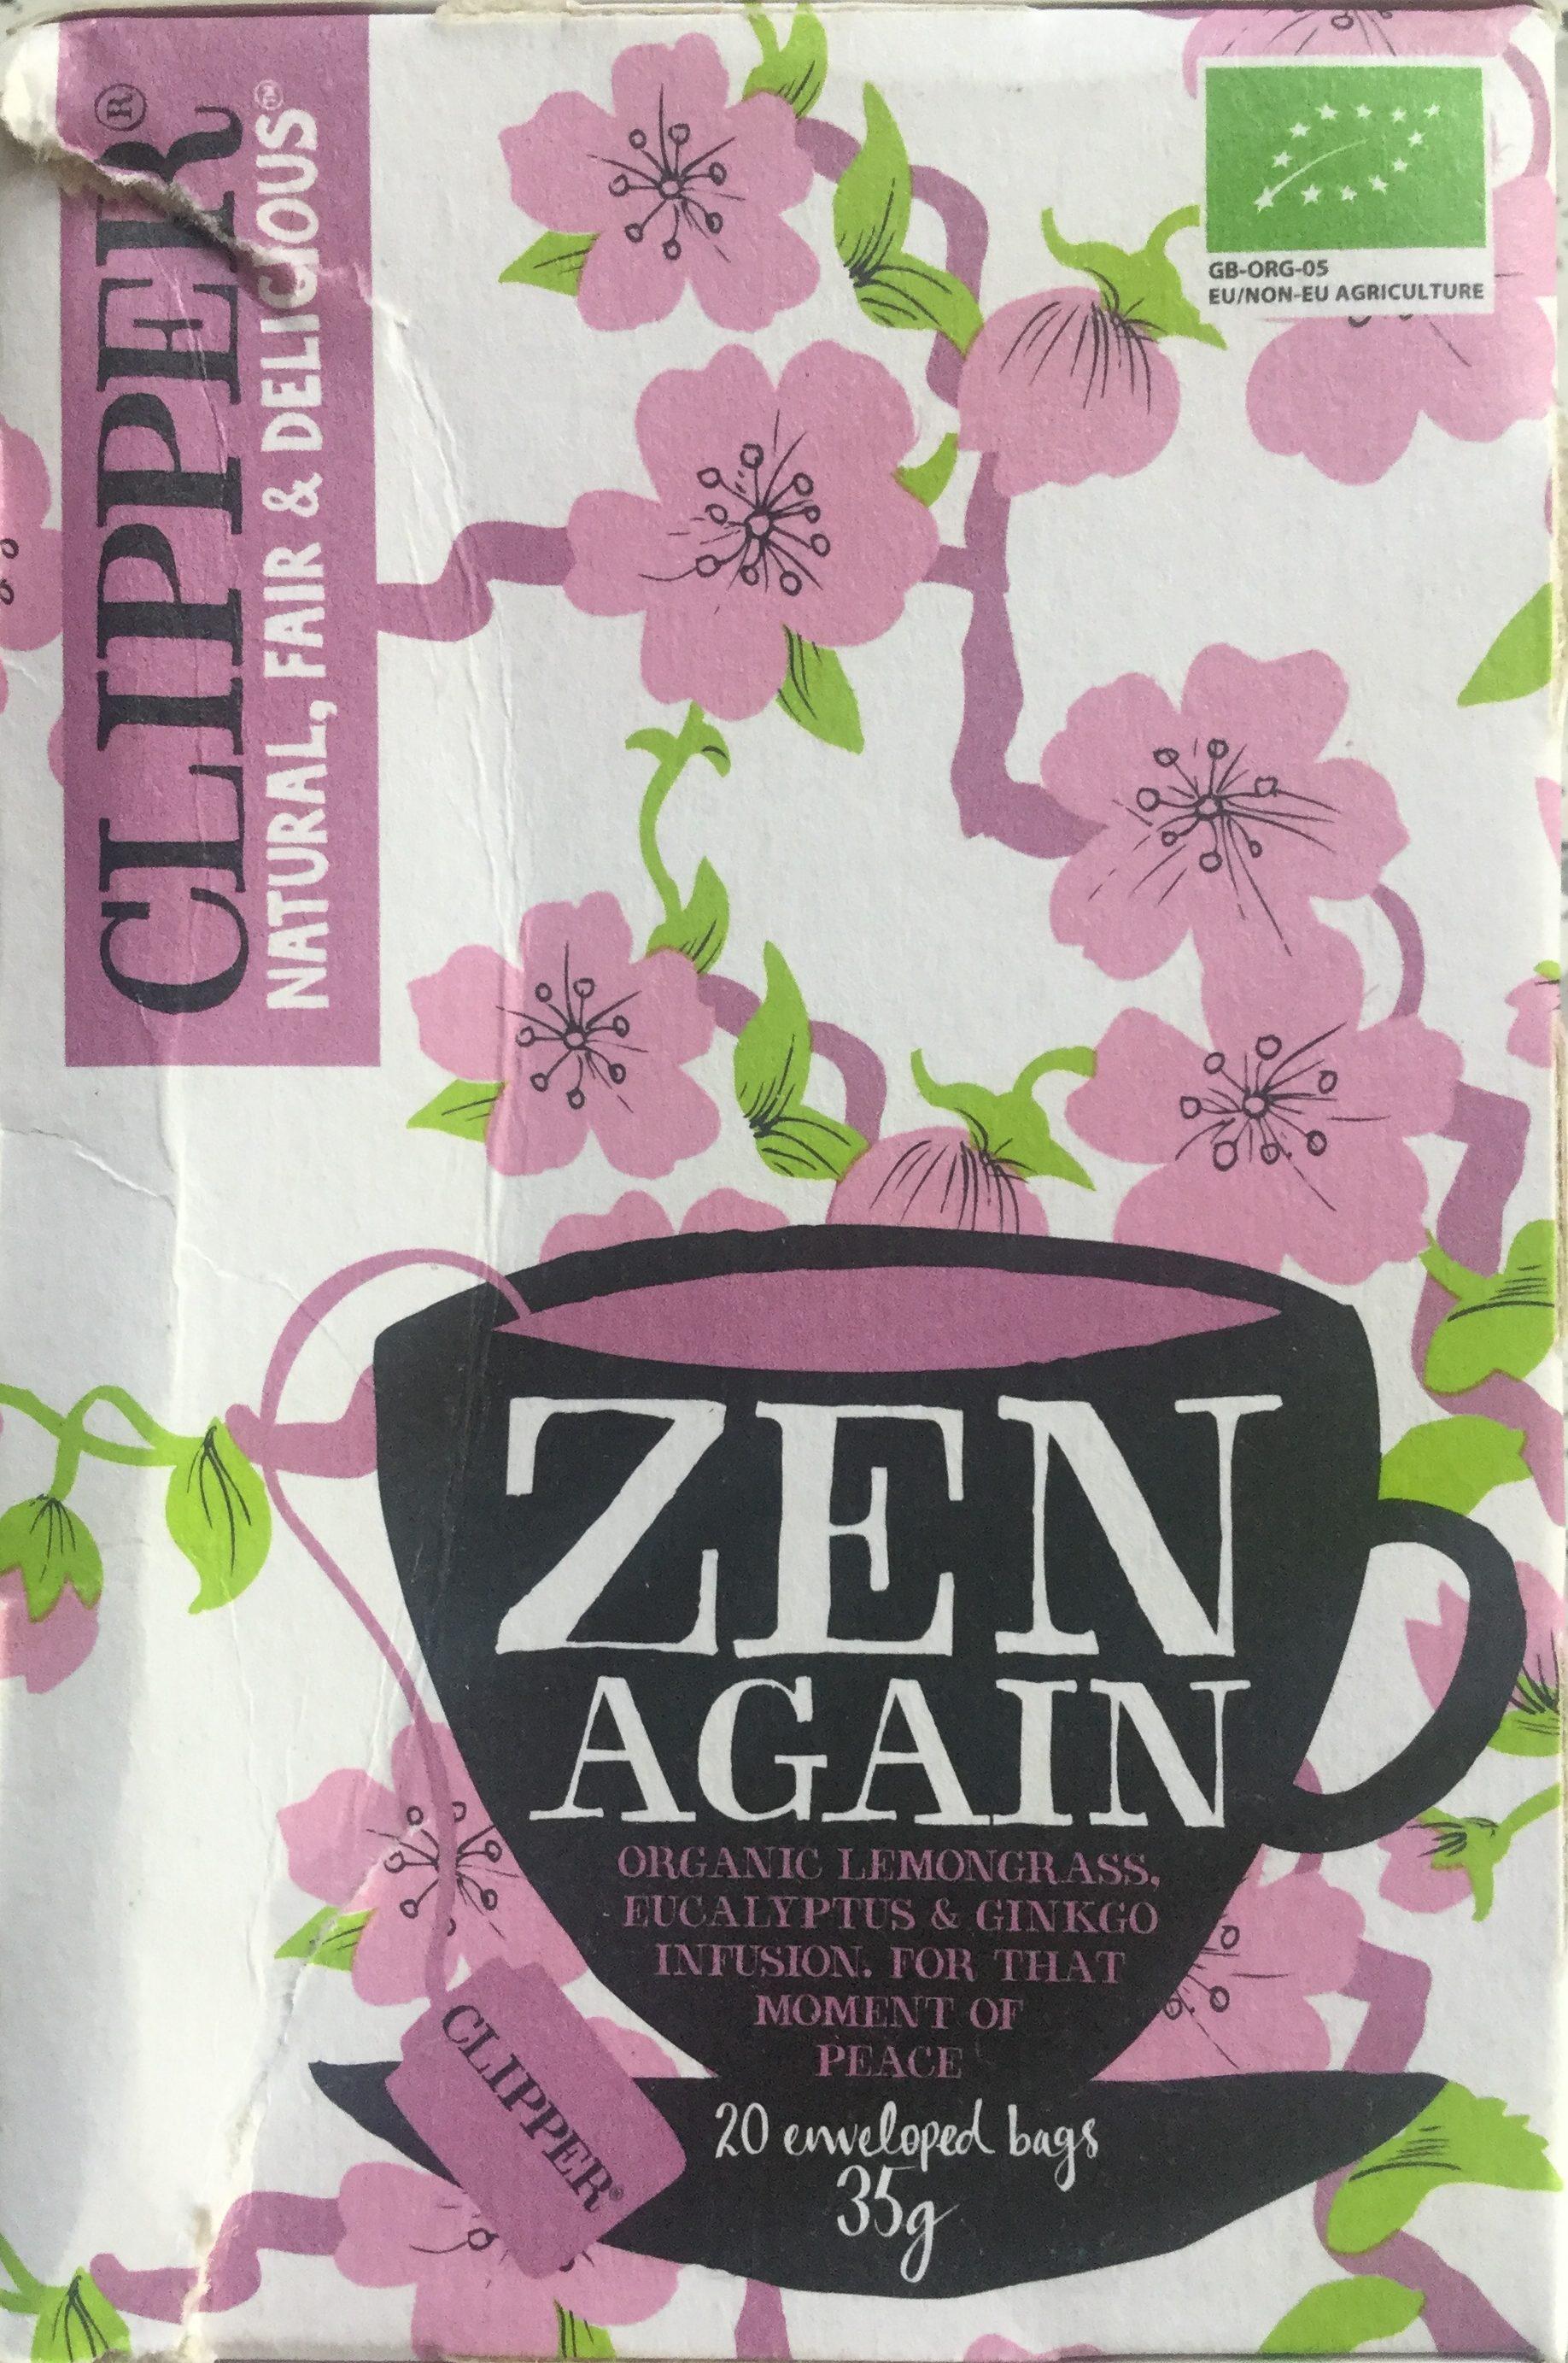 Zen again - Product